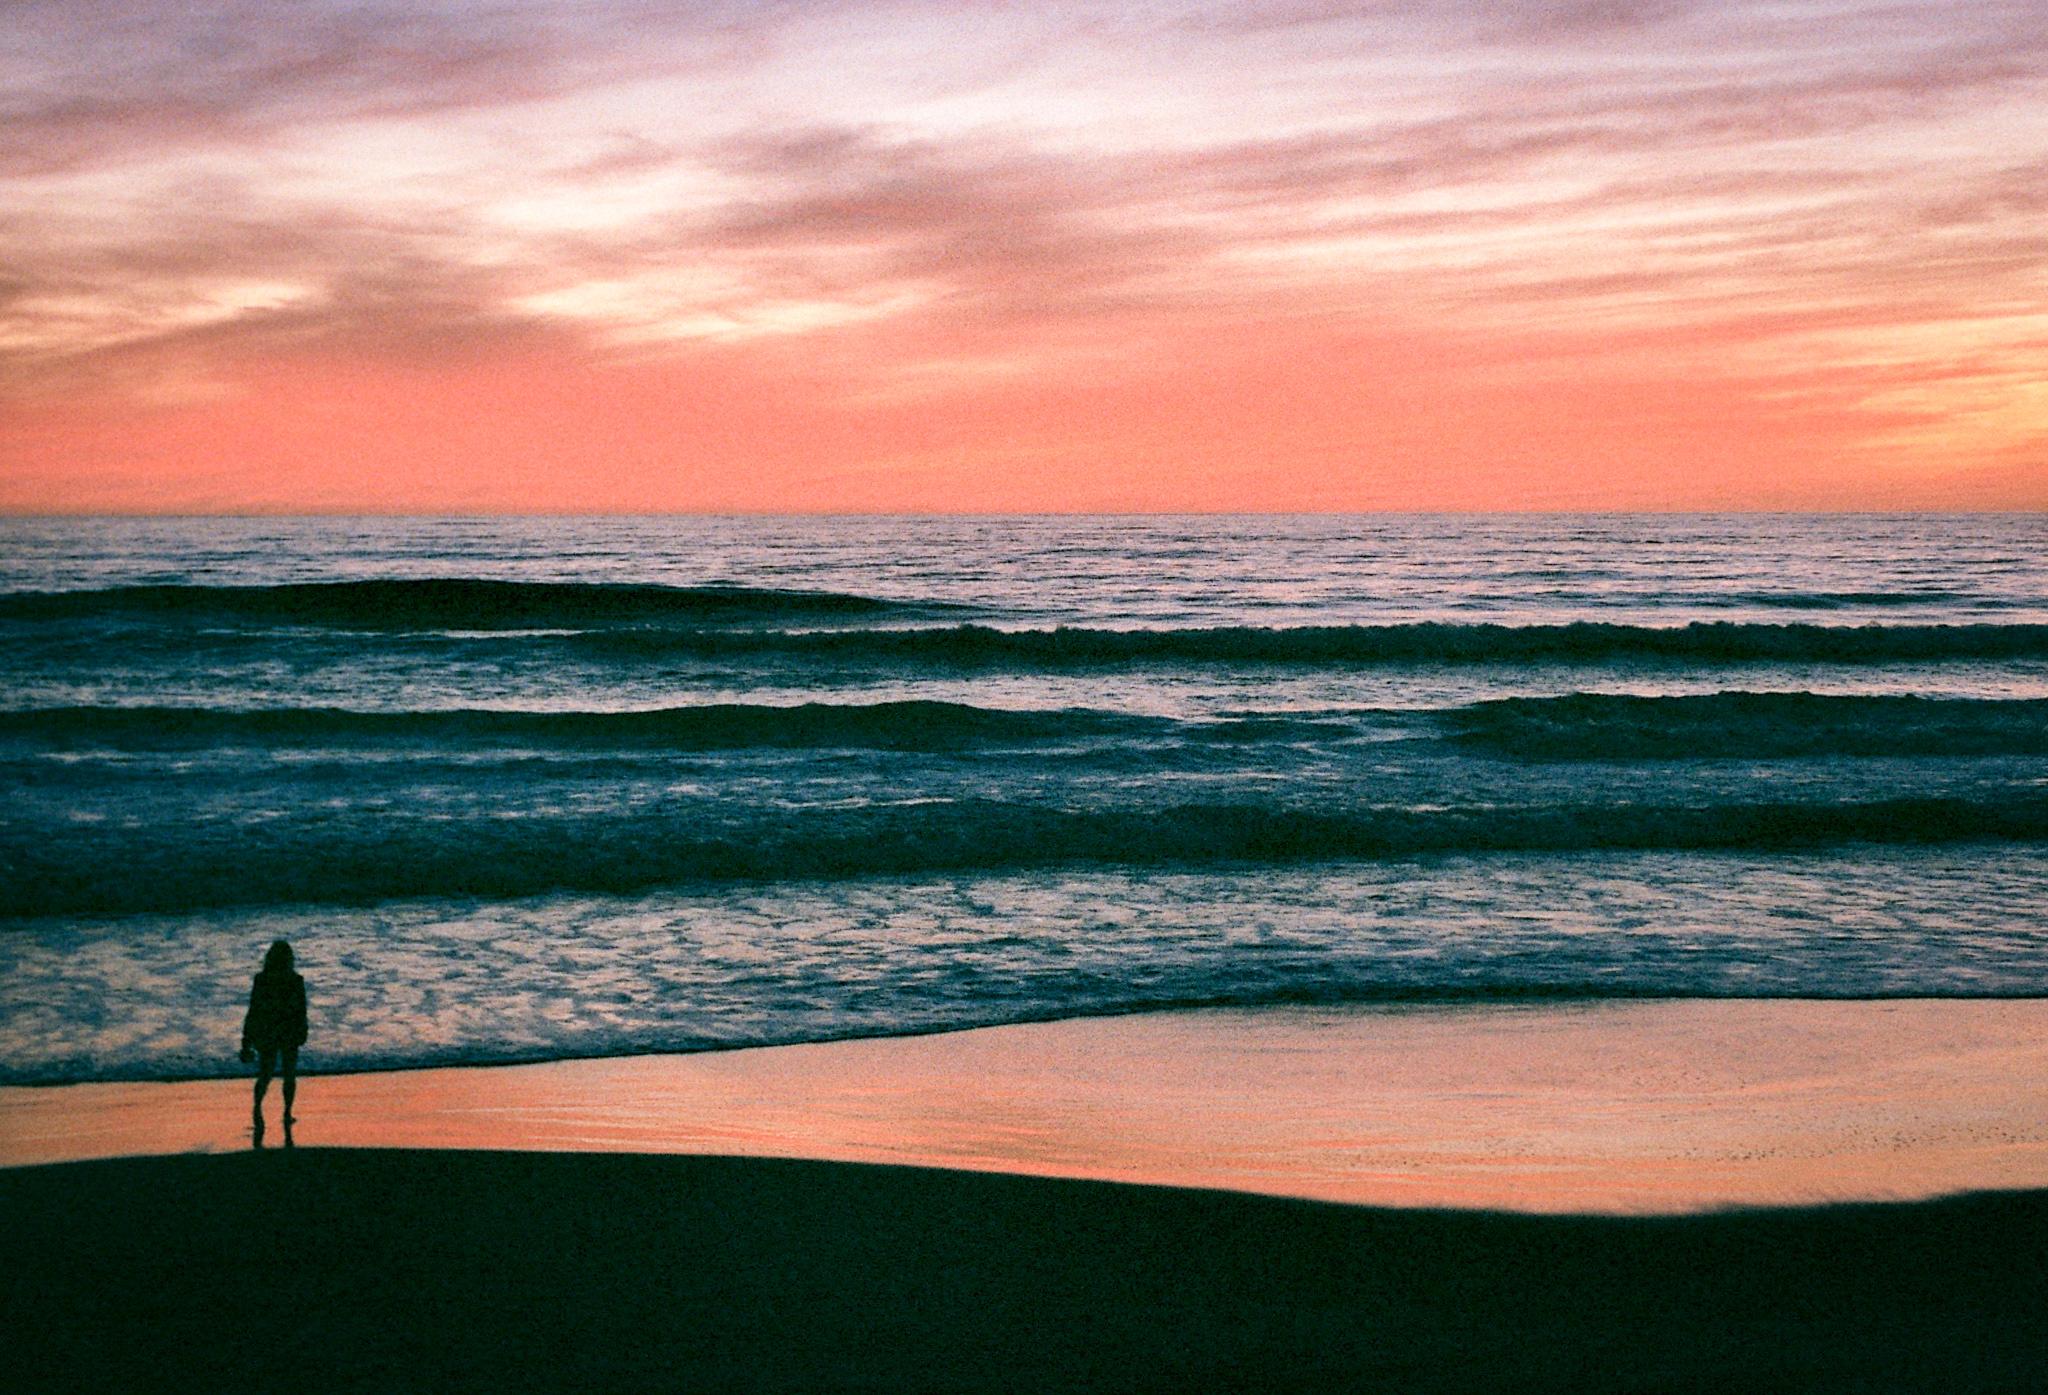 San Diego, 2016 #travel #35mm #film